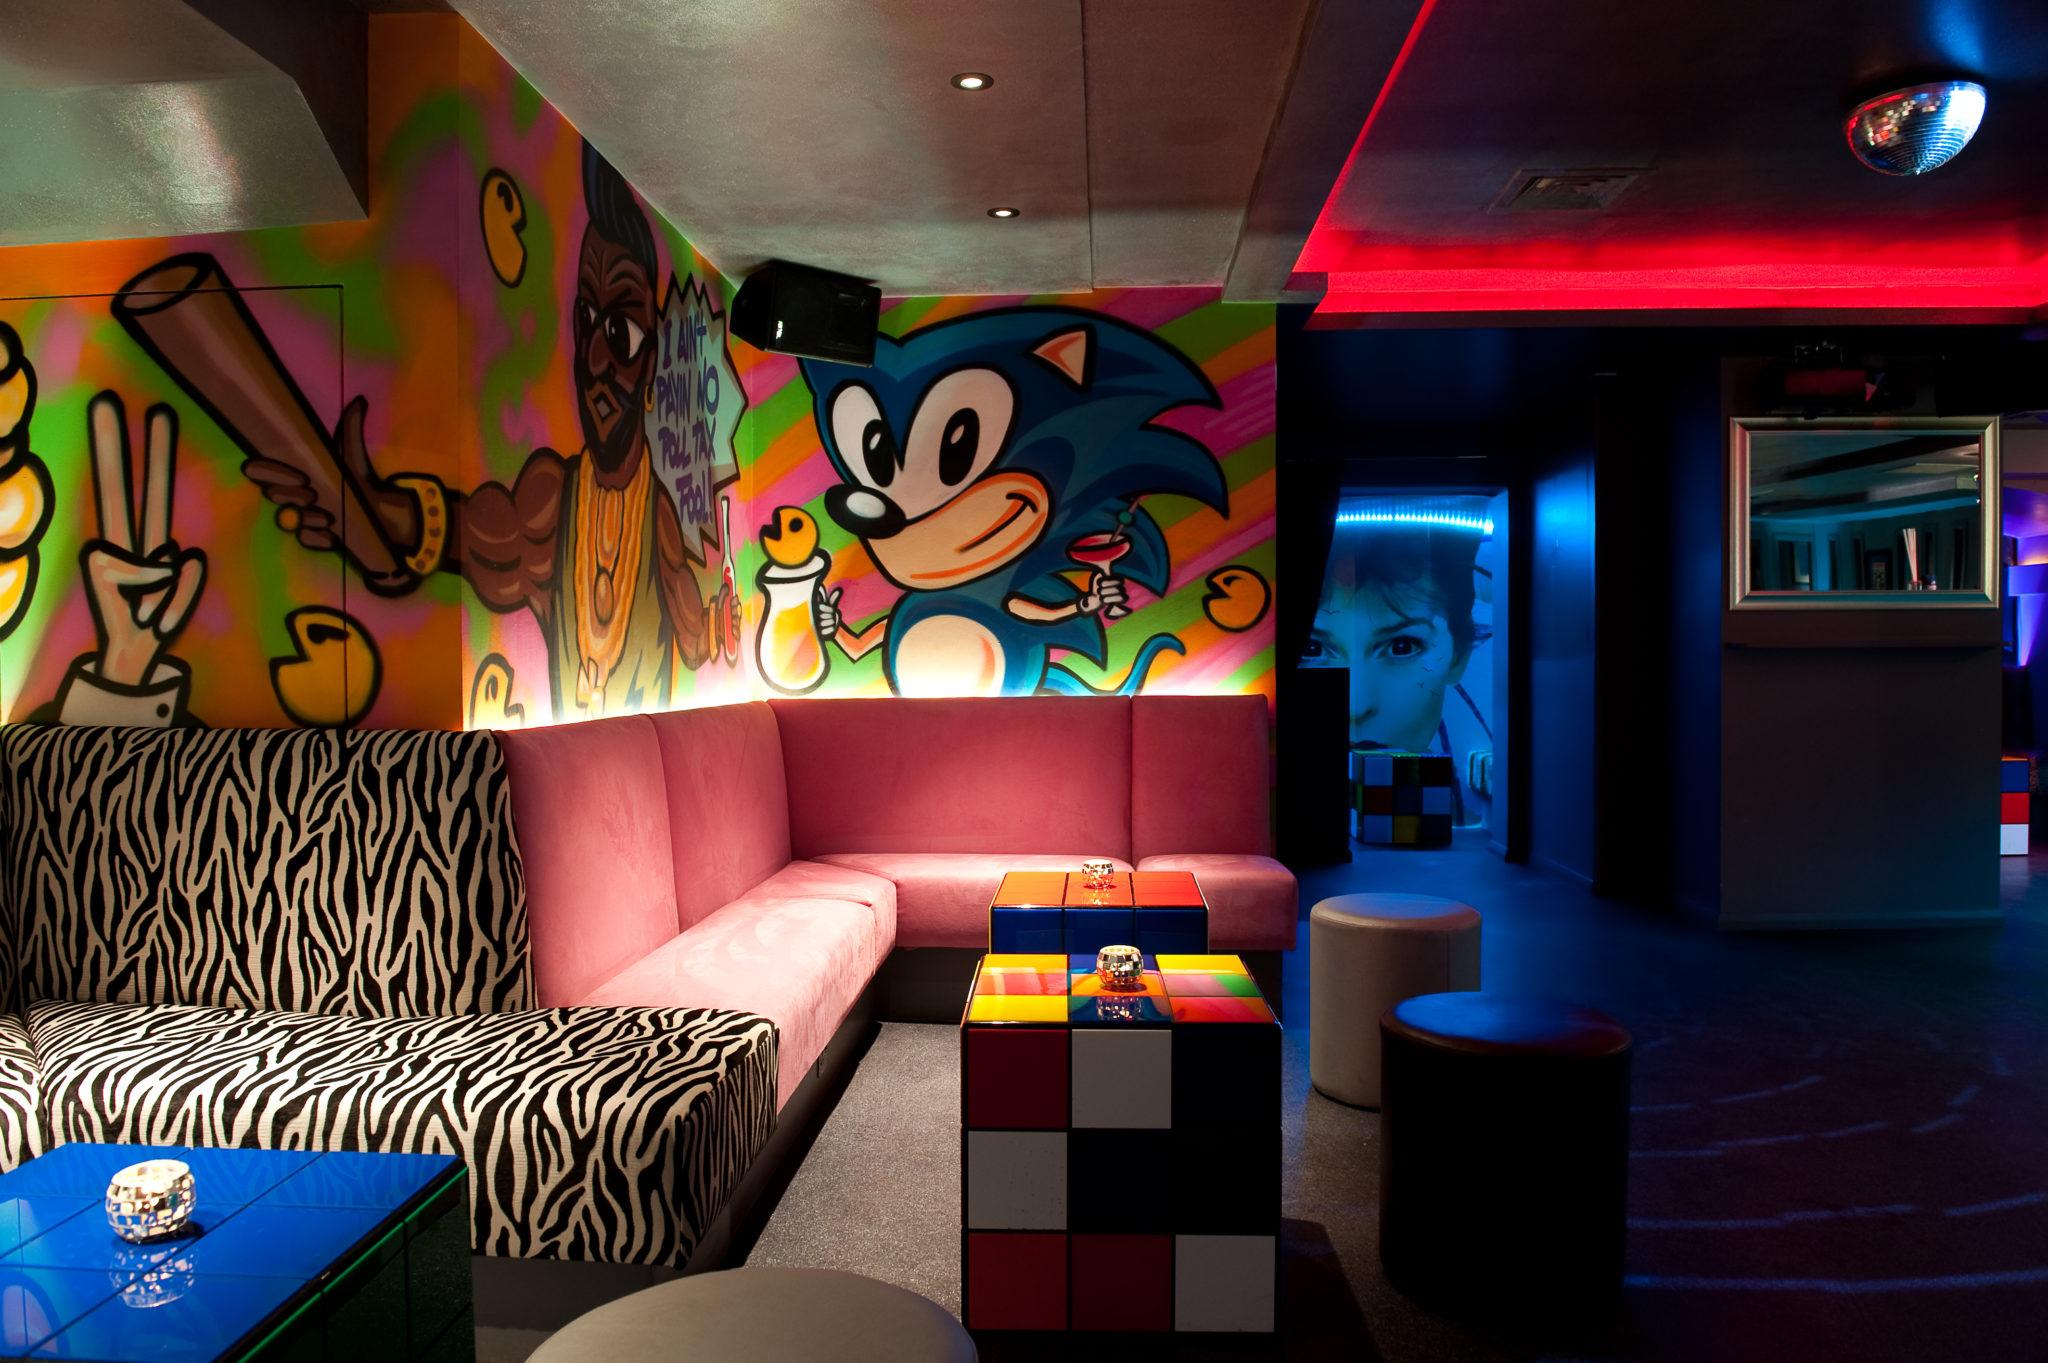 Chelsea nightclub - Dancing